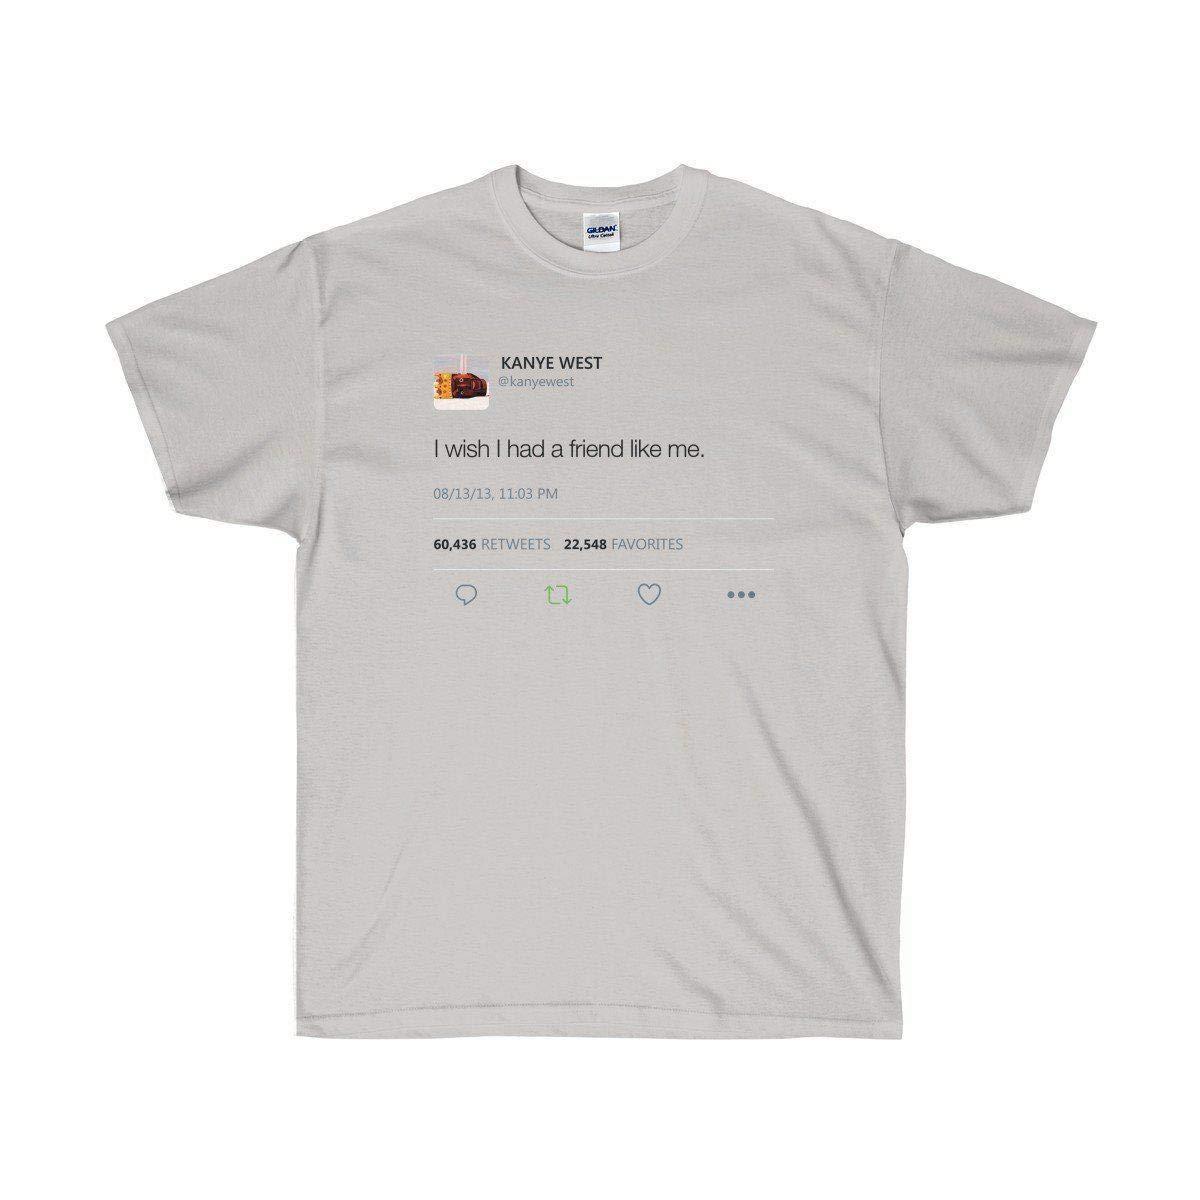 35c402b8c Amazon.com: I Wish I had A Friend Like Me - Kanye West Tweet Unisex Tee:  Clothing